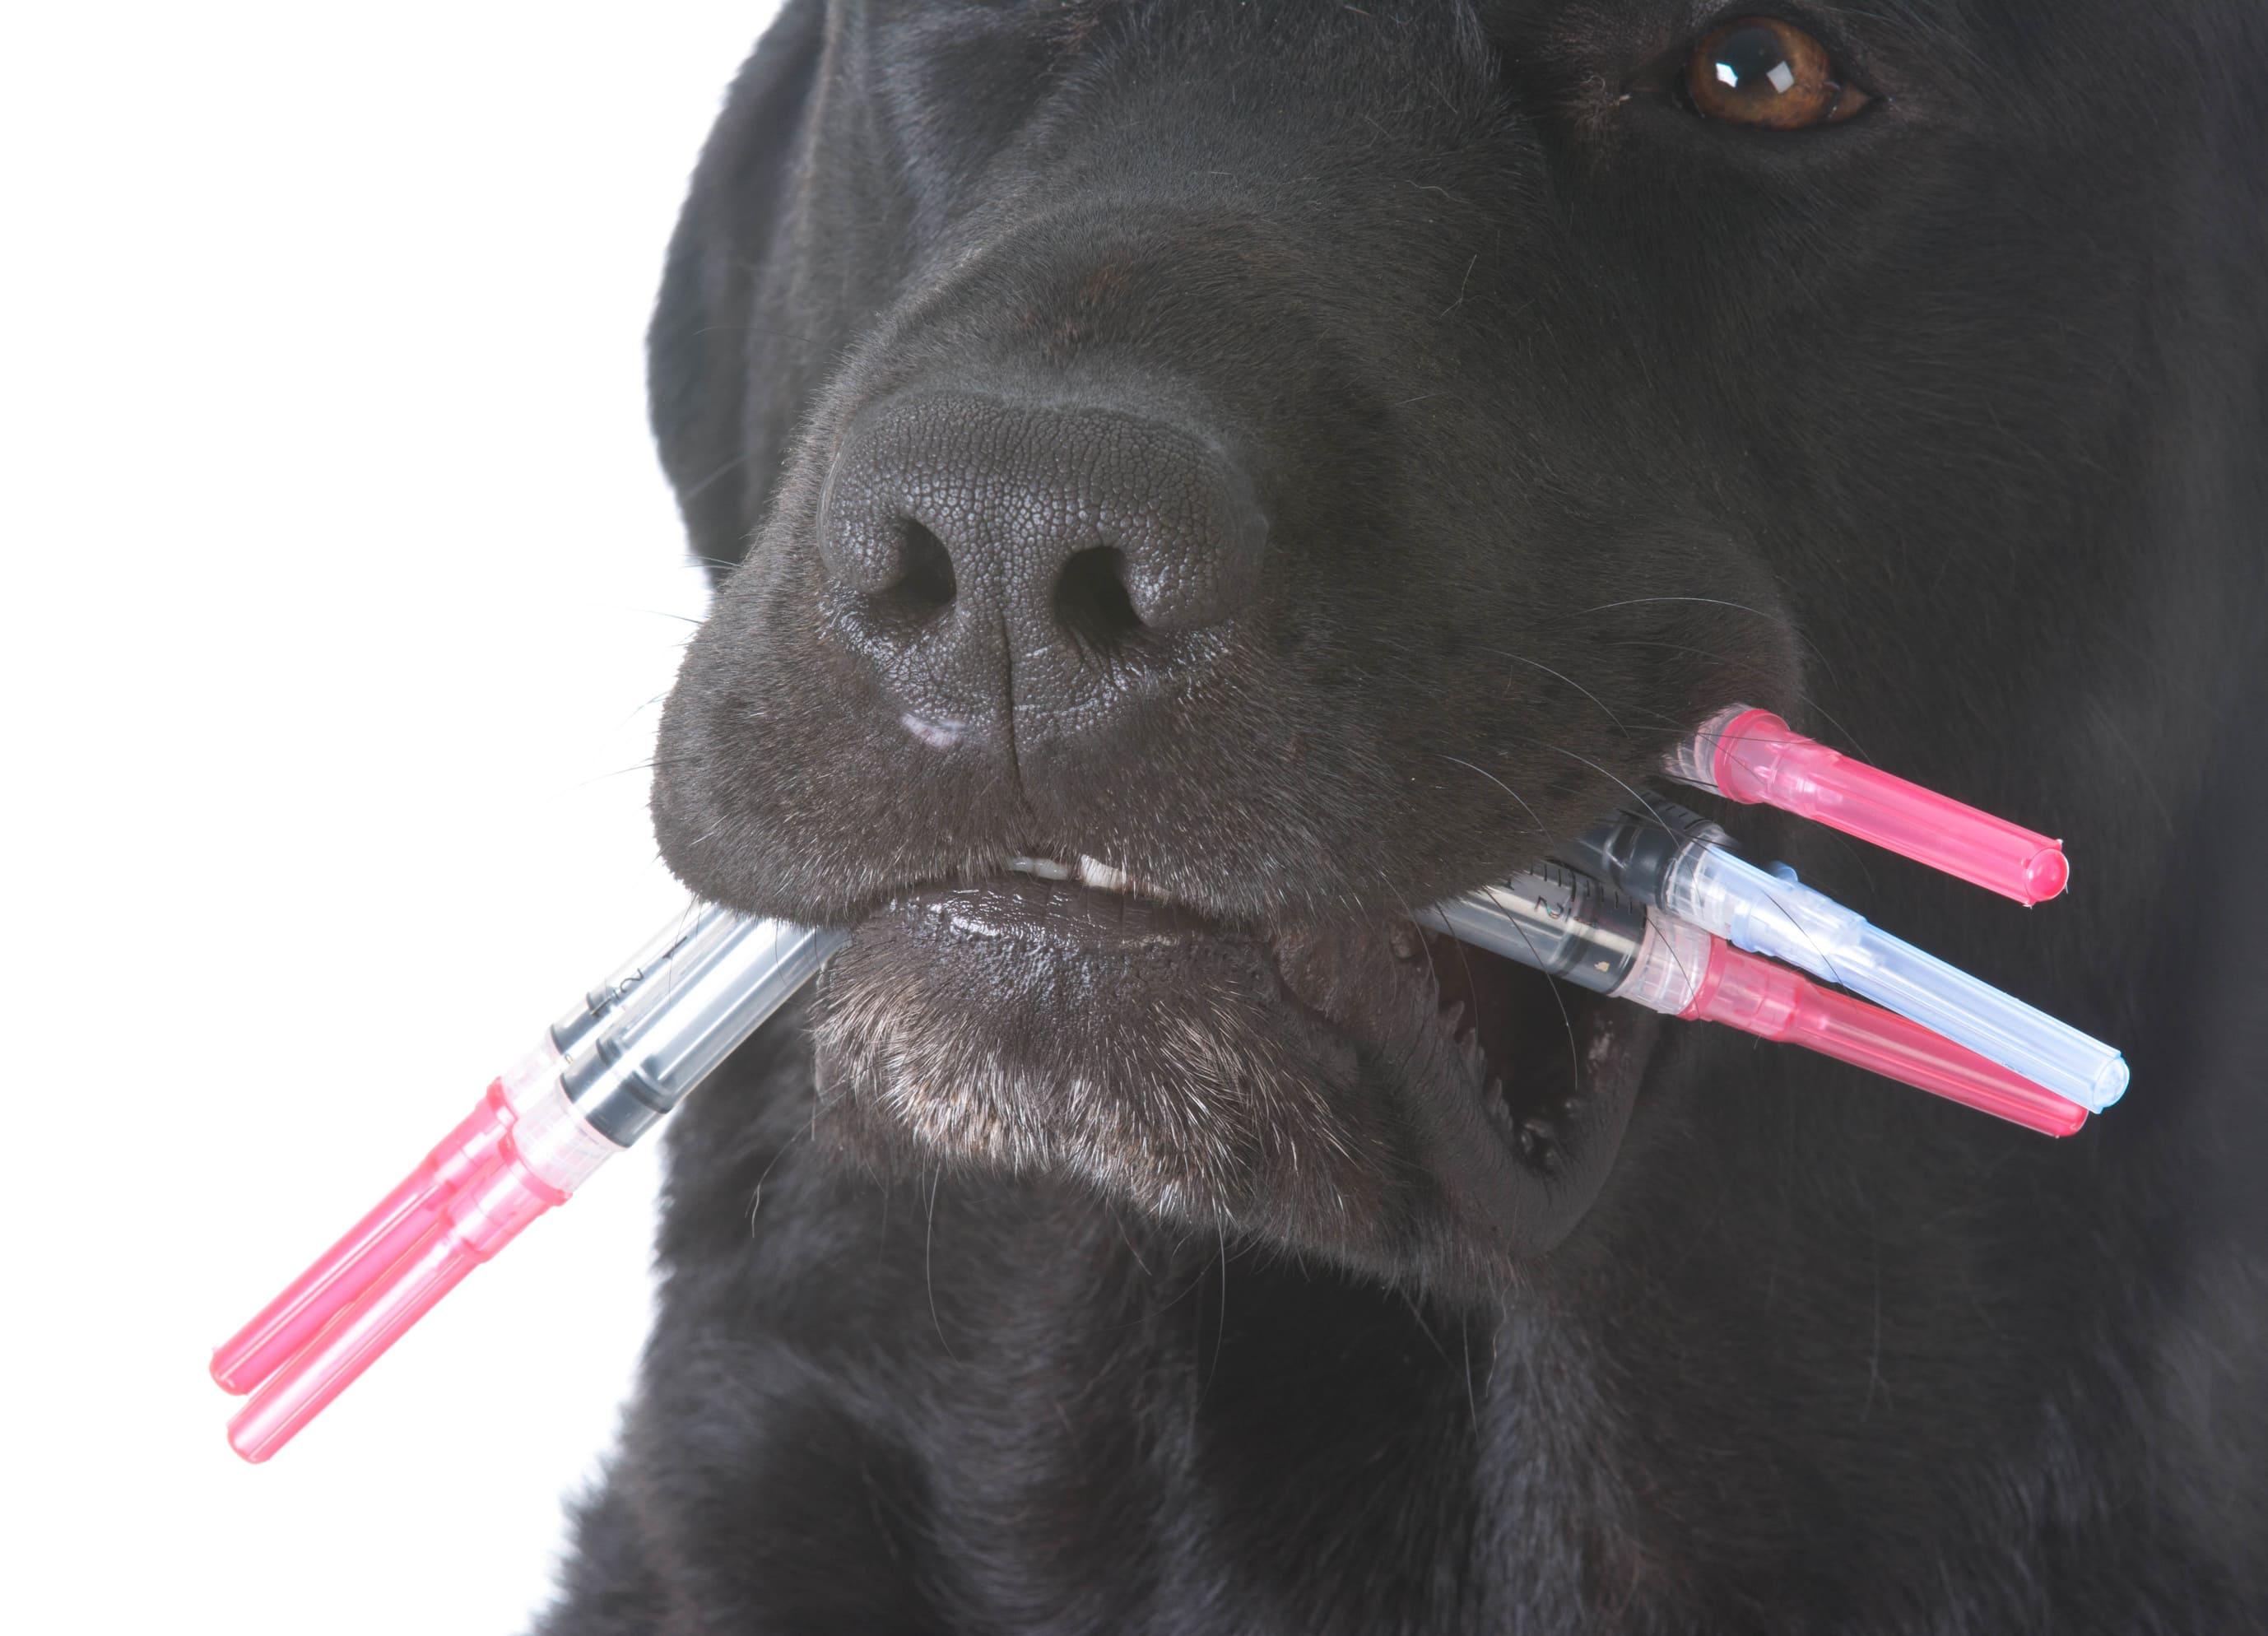 Impfung beim Hund, schwarzer Labrador